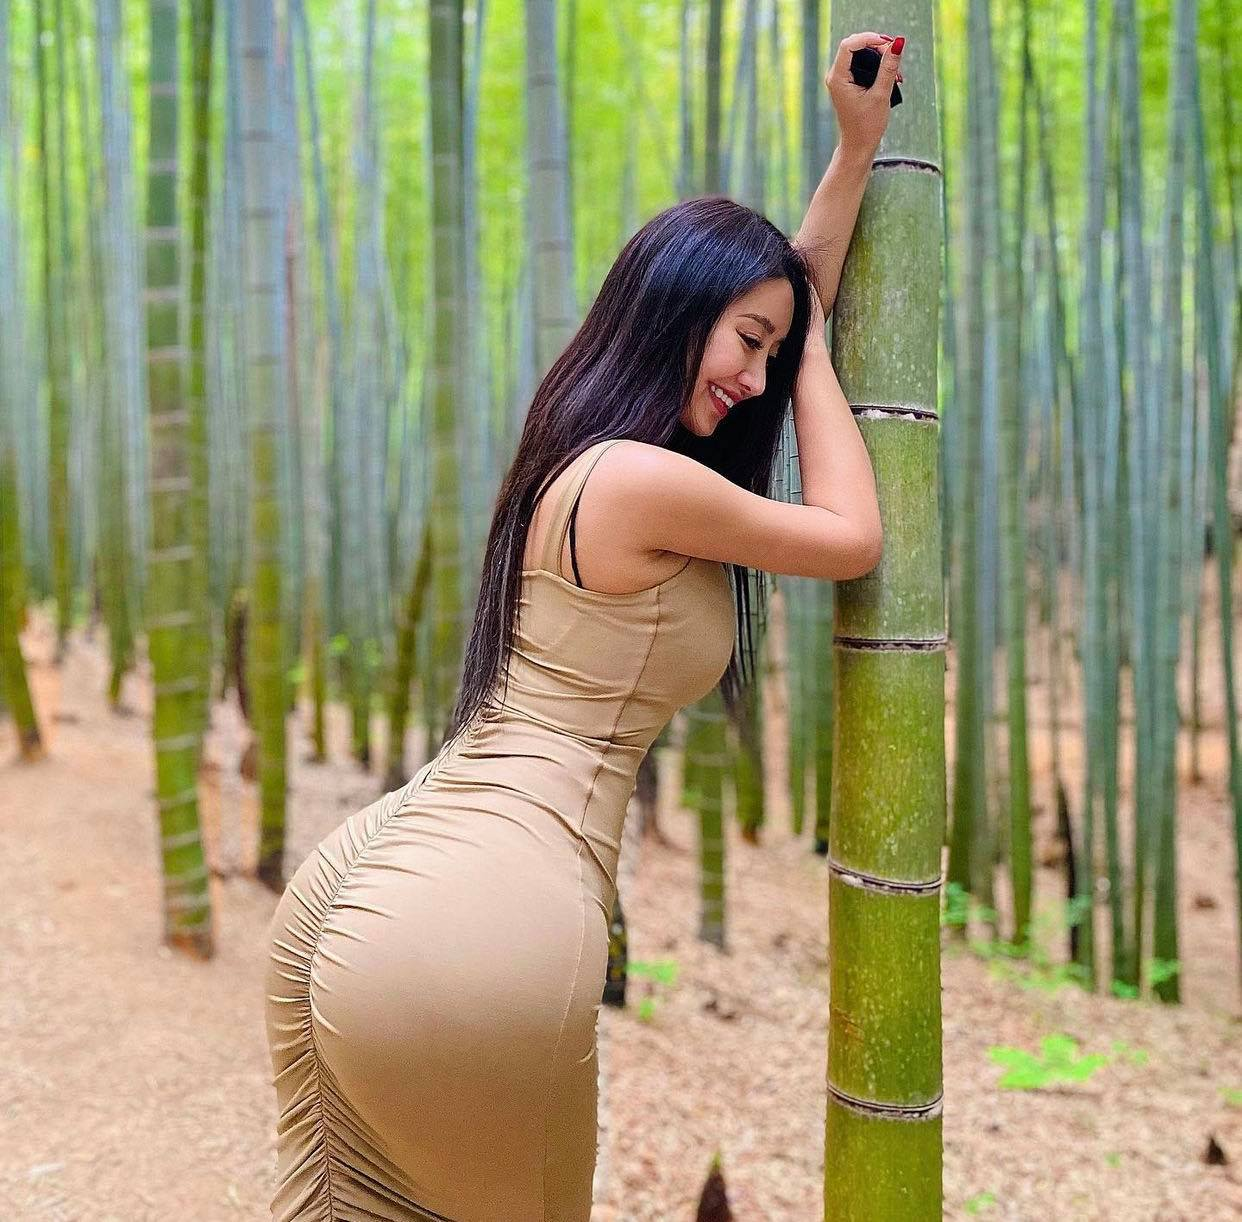 Mỹ nữ có vòng 3 trái đào nổi bật giữa rặng tre nhờ váy Quỳnh Búp Bê - hình ảnh 1